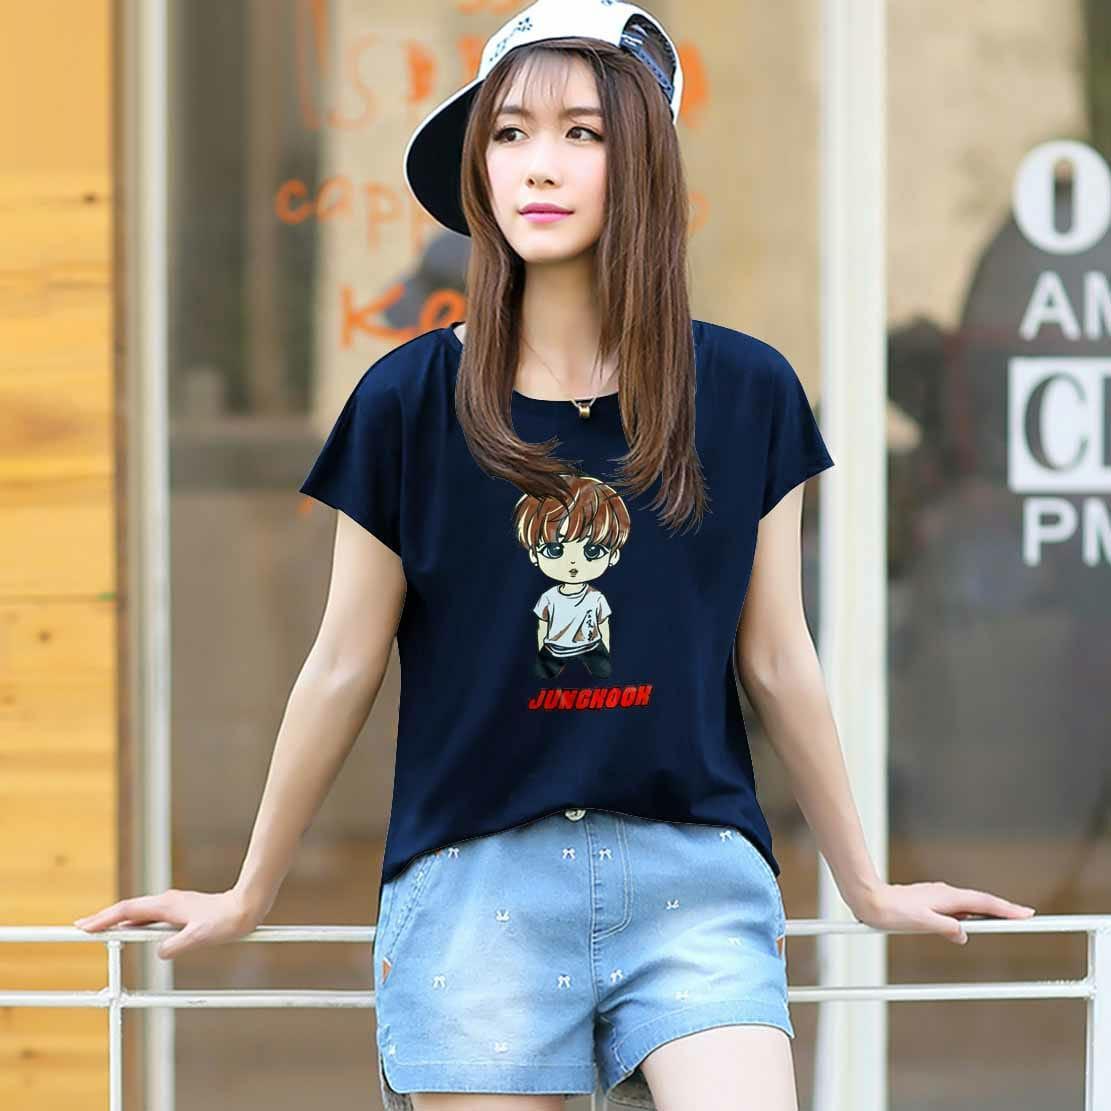 Vanessa Tumblr Tee / T-Shirt BTS JUNGKOOK / T-shirt Wanita / Kaos Cewek / Tumblr Tee Cewek / Kaos Wanita Murah / Baju Wanita Murah / Kaos Lengan Pendek / Kaos Oblong / Kaos Tulisan